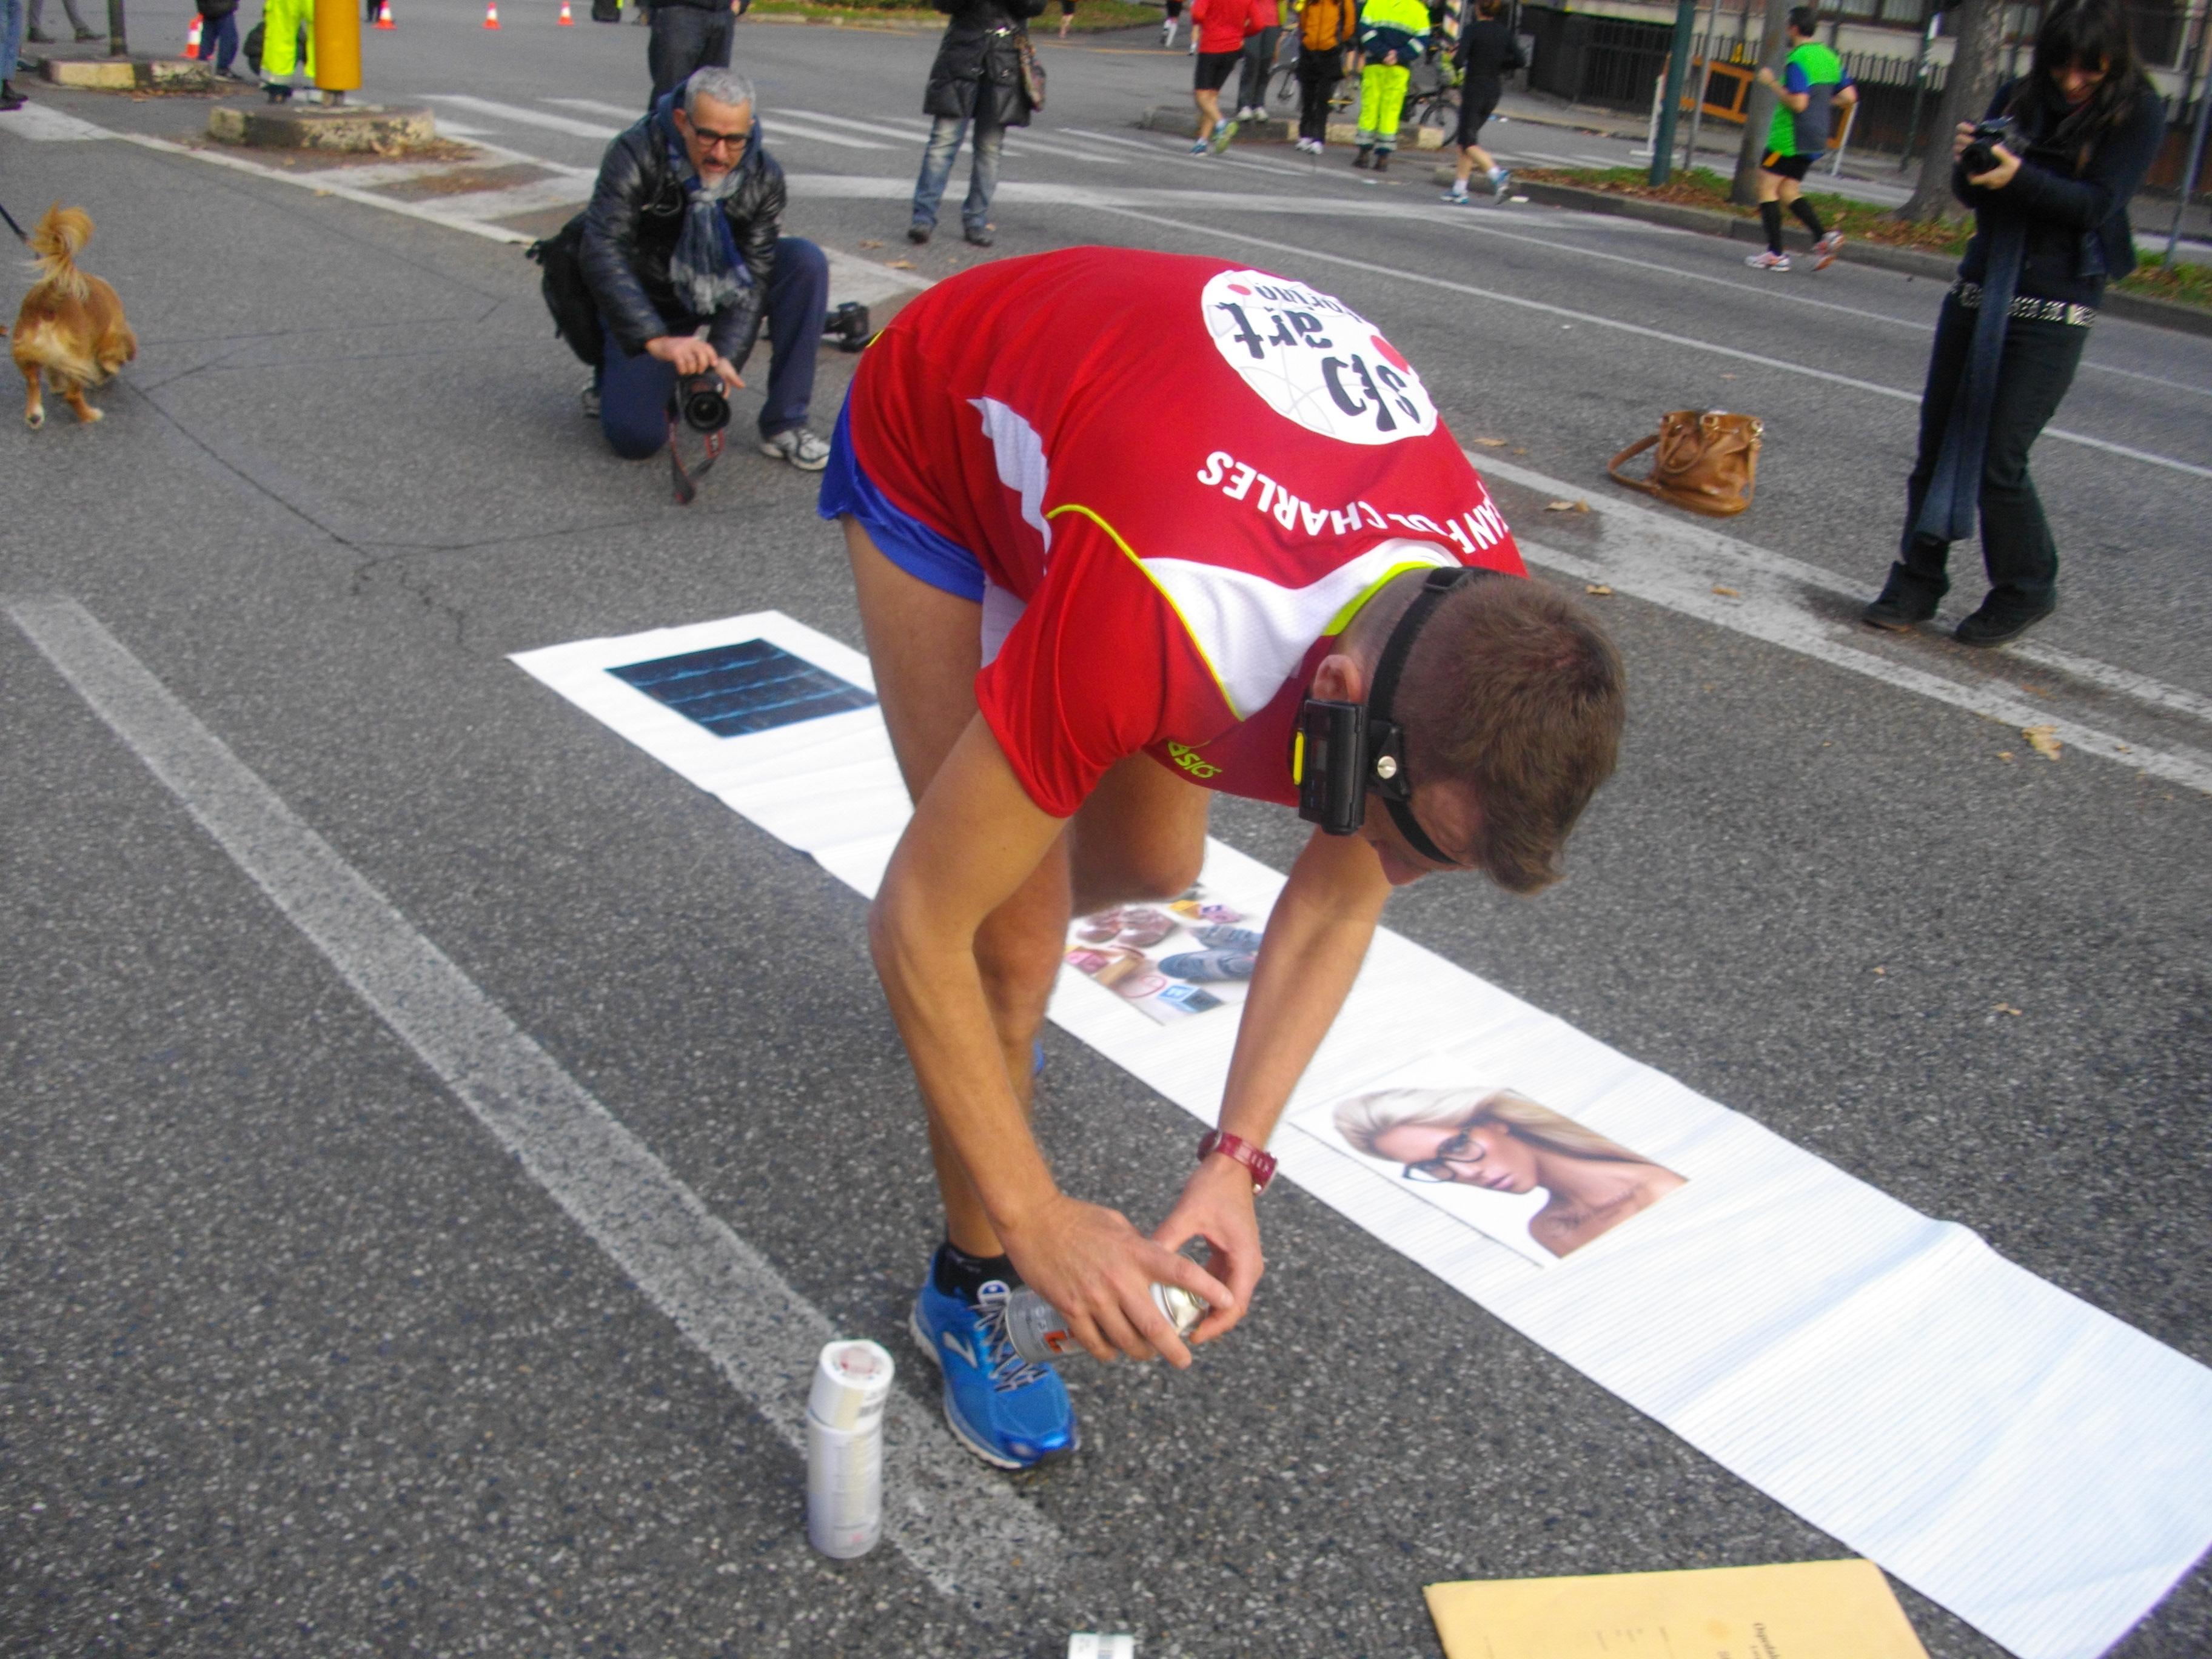 [ Photogallery ] Riuscita l'impresa dell'artista Charles alla Turin Marathon!